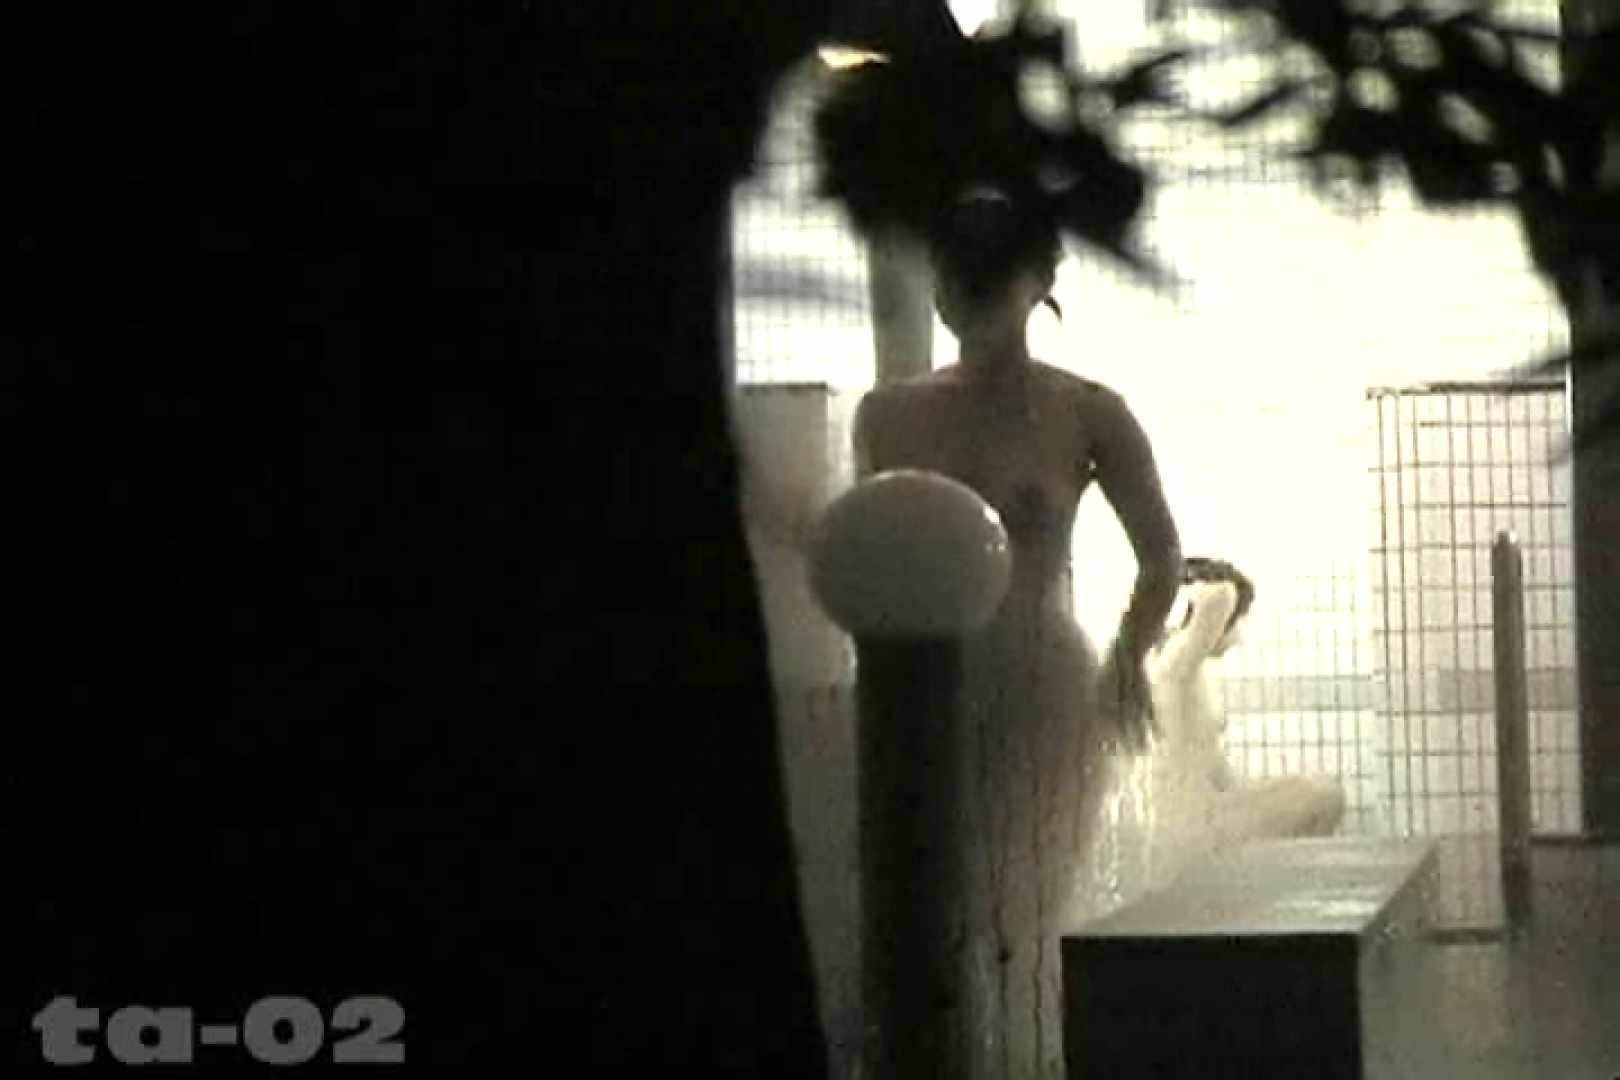 合宿ホテル女風呂盗撮高画質版 Vol.02 盗撮   高画質  27画像 24